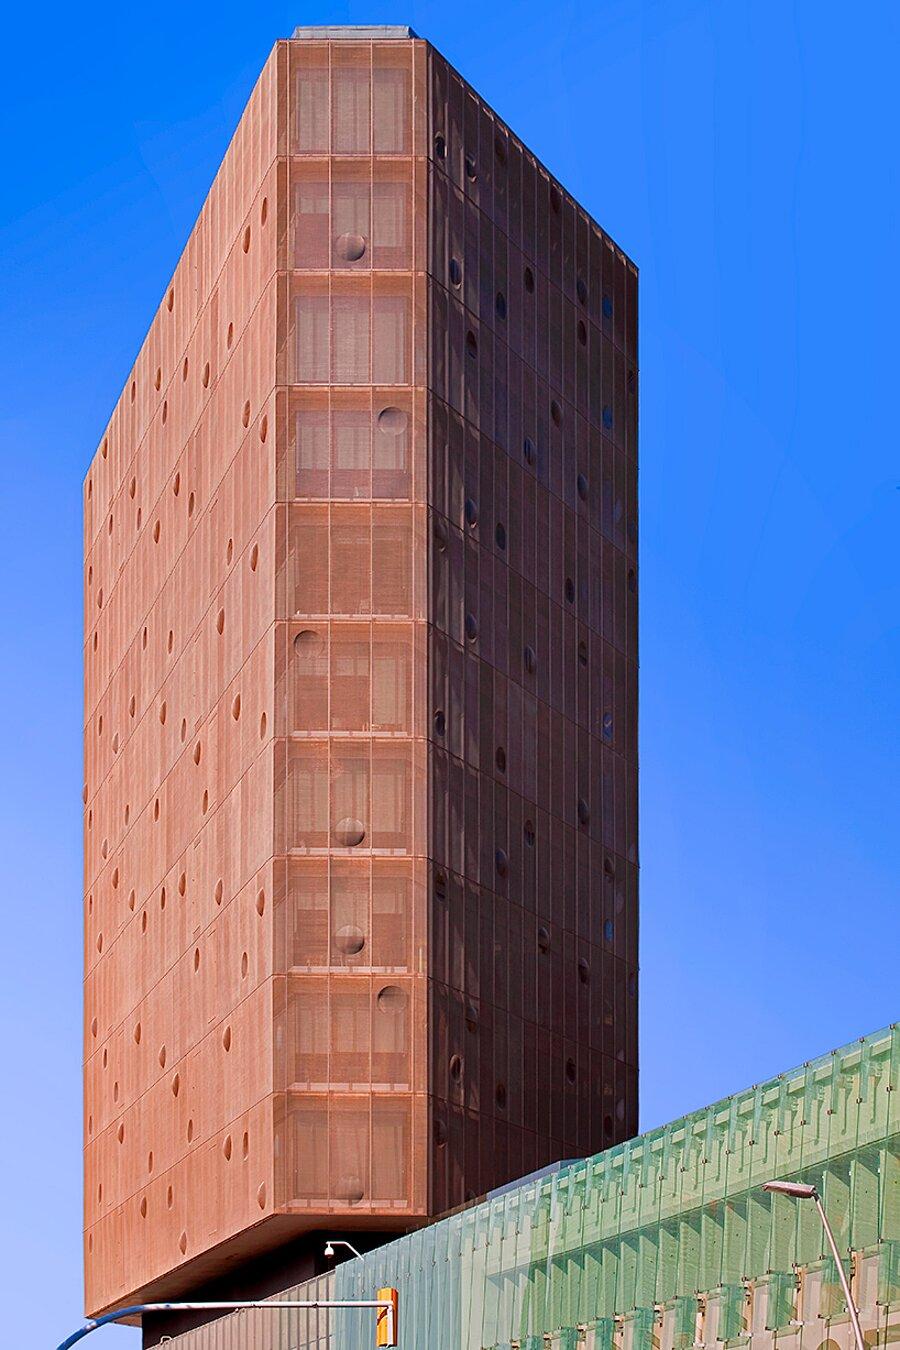 fotografia-architettura-barcellona-david-cardelus-12